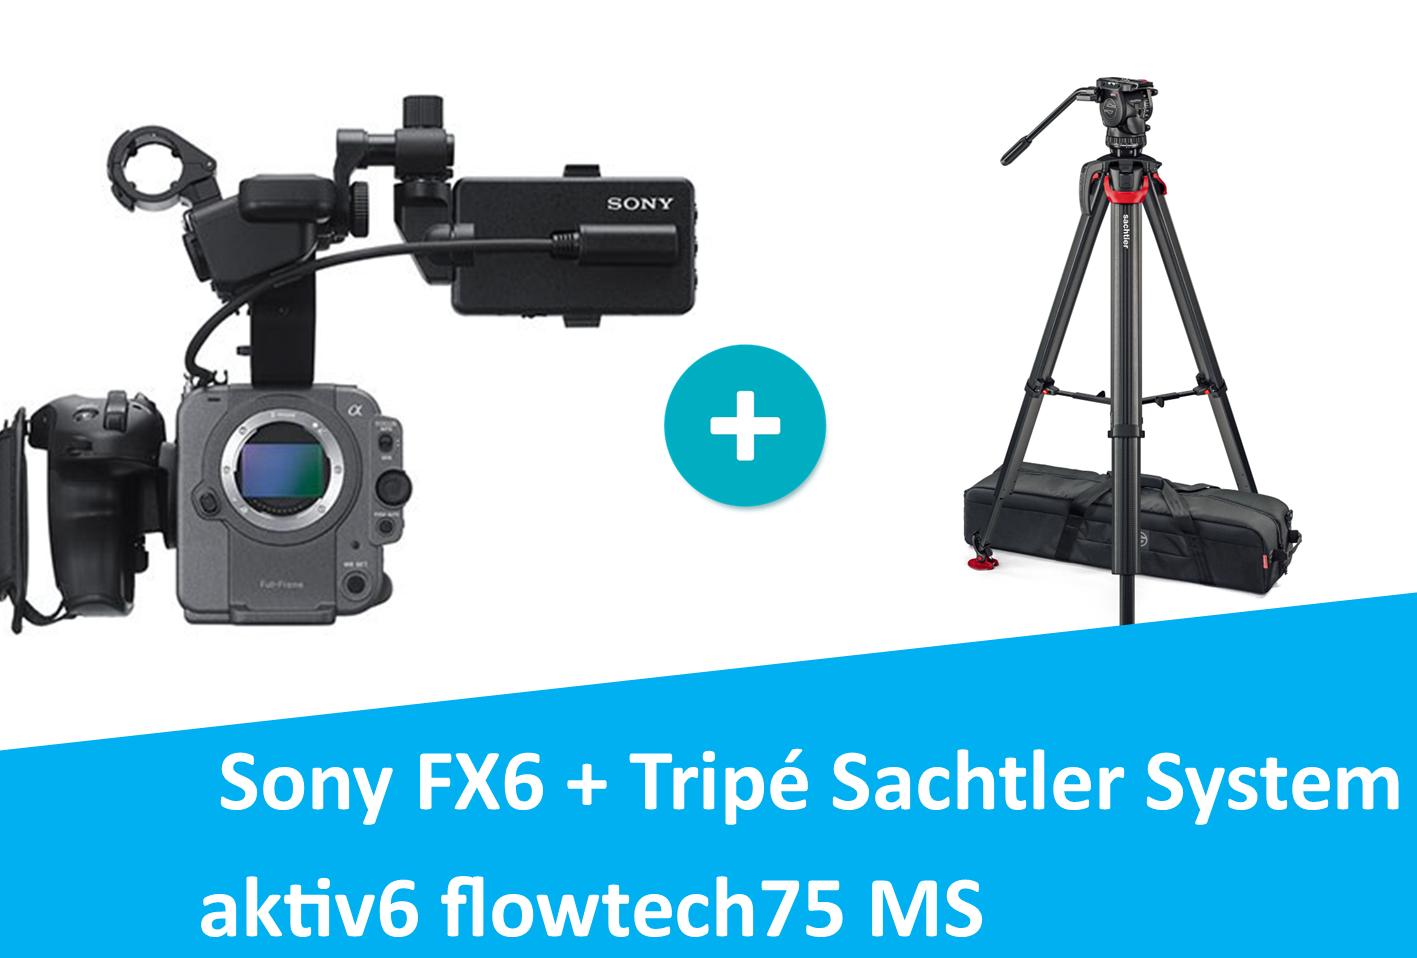 Sony FX6 + Sachtler System aktiv6 flowtech75 MS